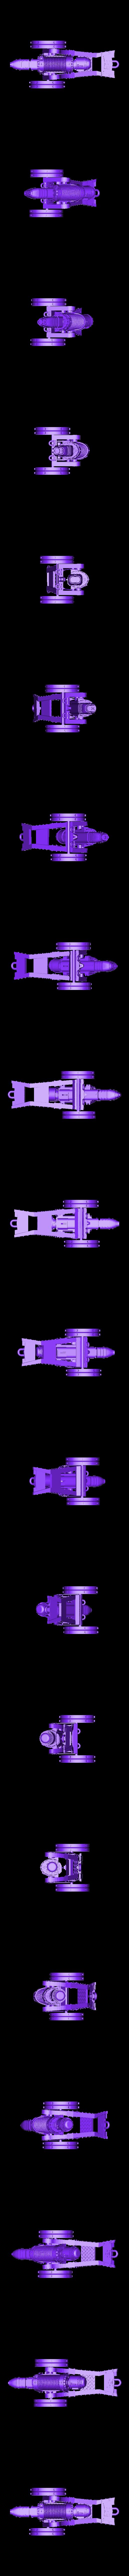 retard0dPlasmaCann0n.stl Télécharger fichier STL gratuit Canon à plasma illégal du destin • Modèle pour imprimante 3D, 40Emperor